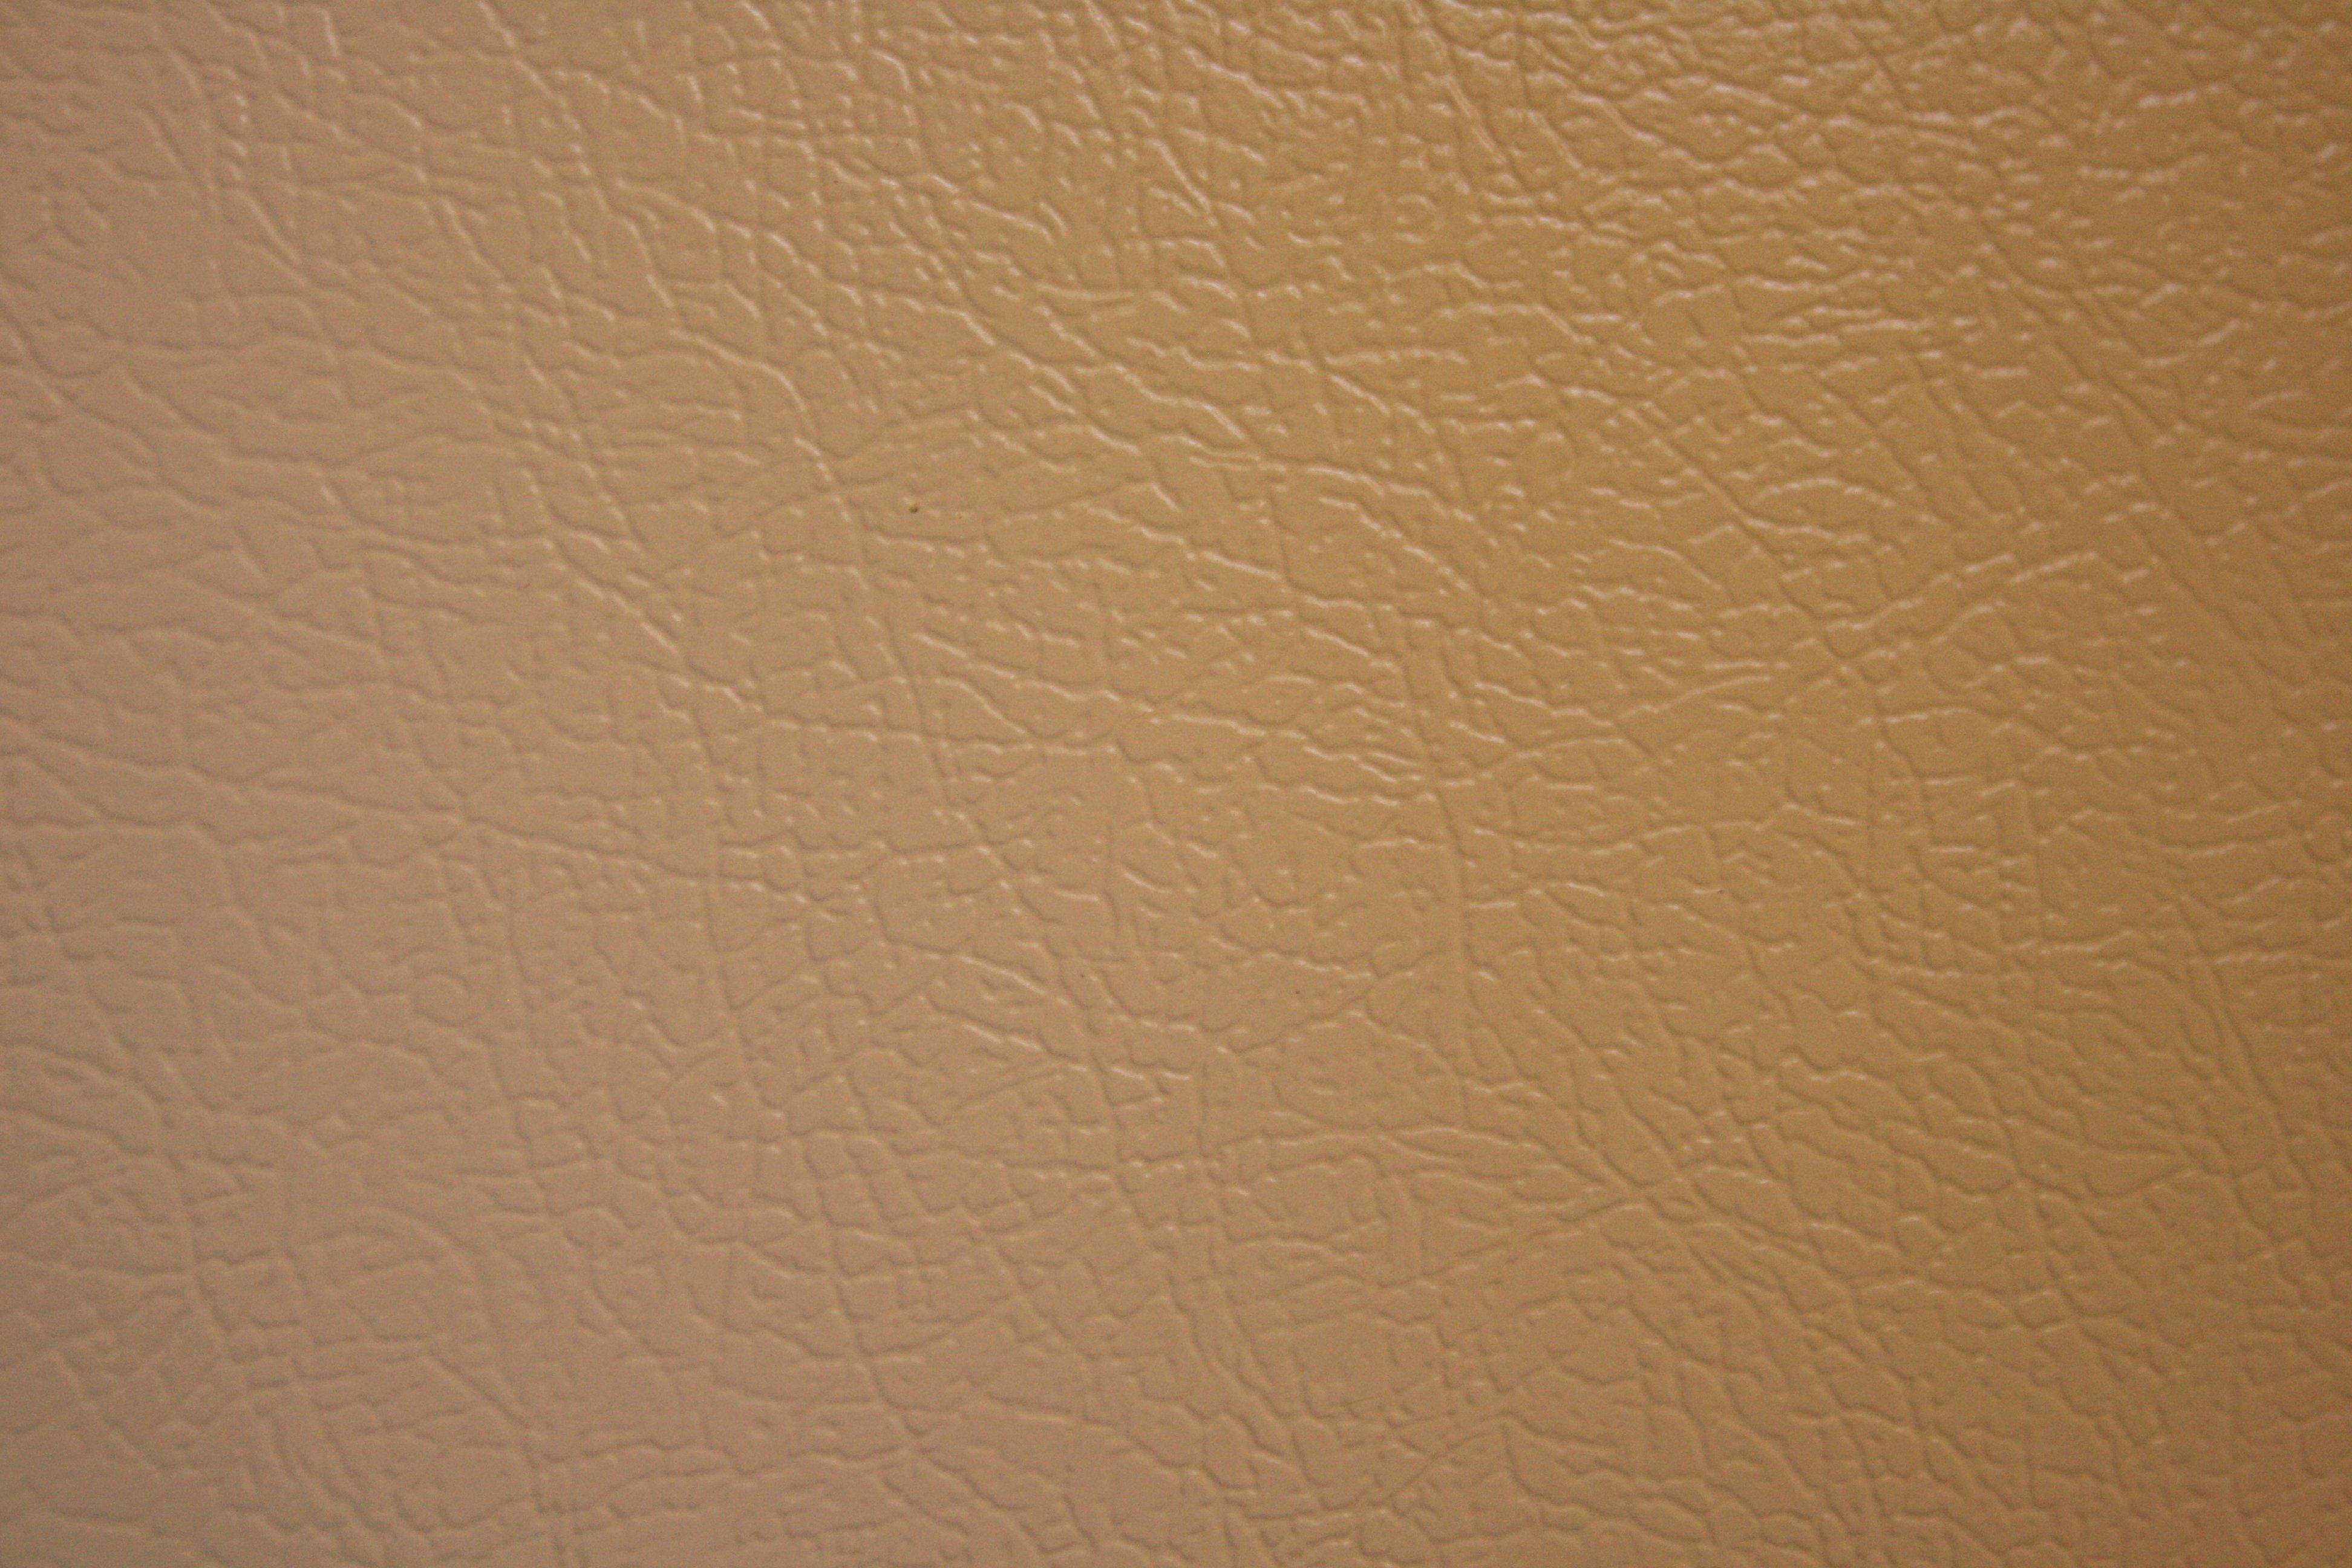 Tan Faux Leather Texture Picture Photograph Photos Public 3888x2592